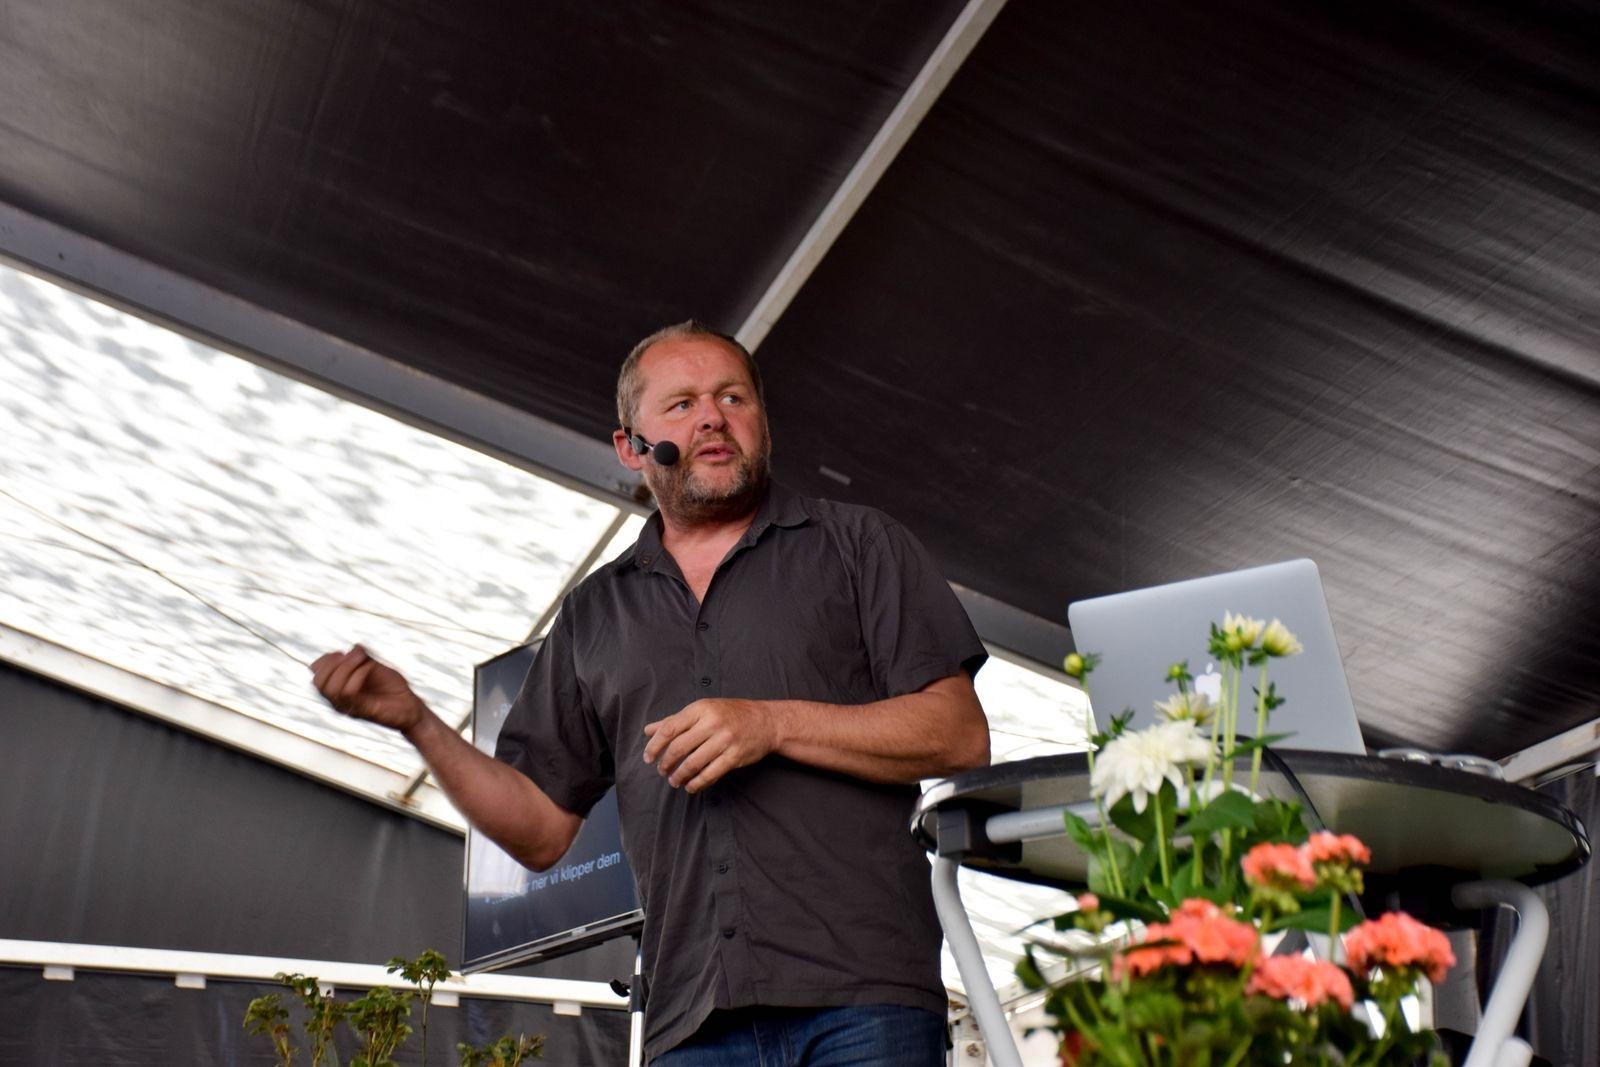 John Taylor berättar och visar hur han förändrade en tomt på 370 kvadratmeter till sitt alldeles egna miniparadis. Söndag klockan 12.00.